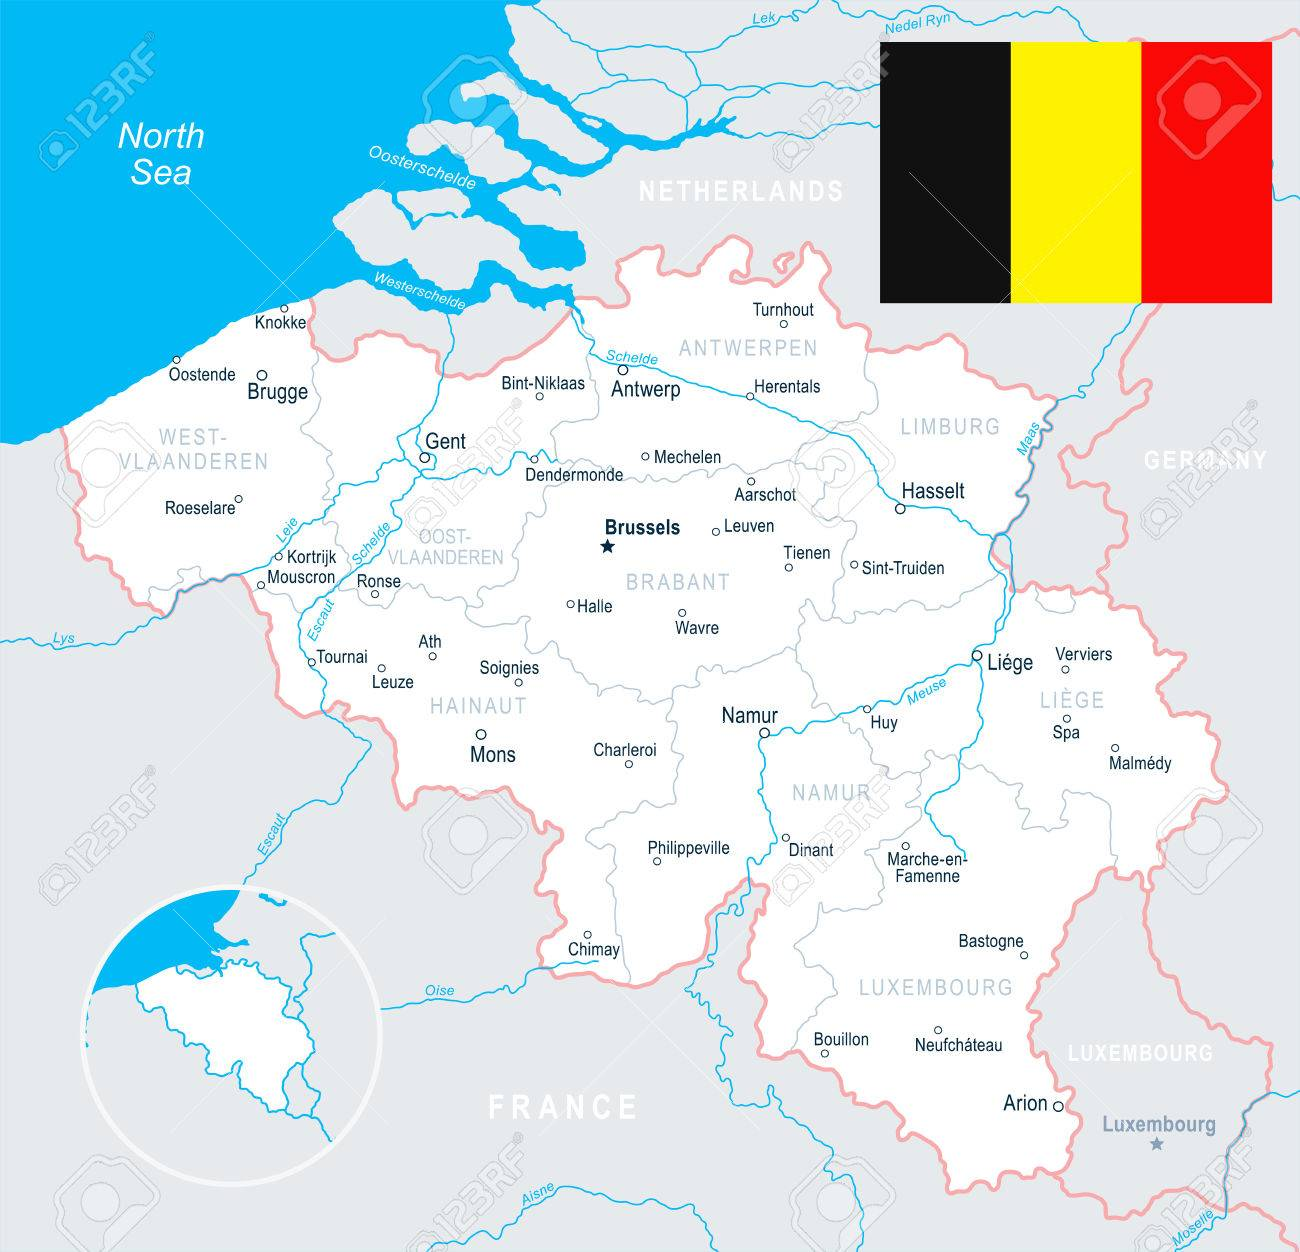 Brussels Antwerp Gent Bruges Map And Flag Vector Illustration